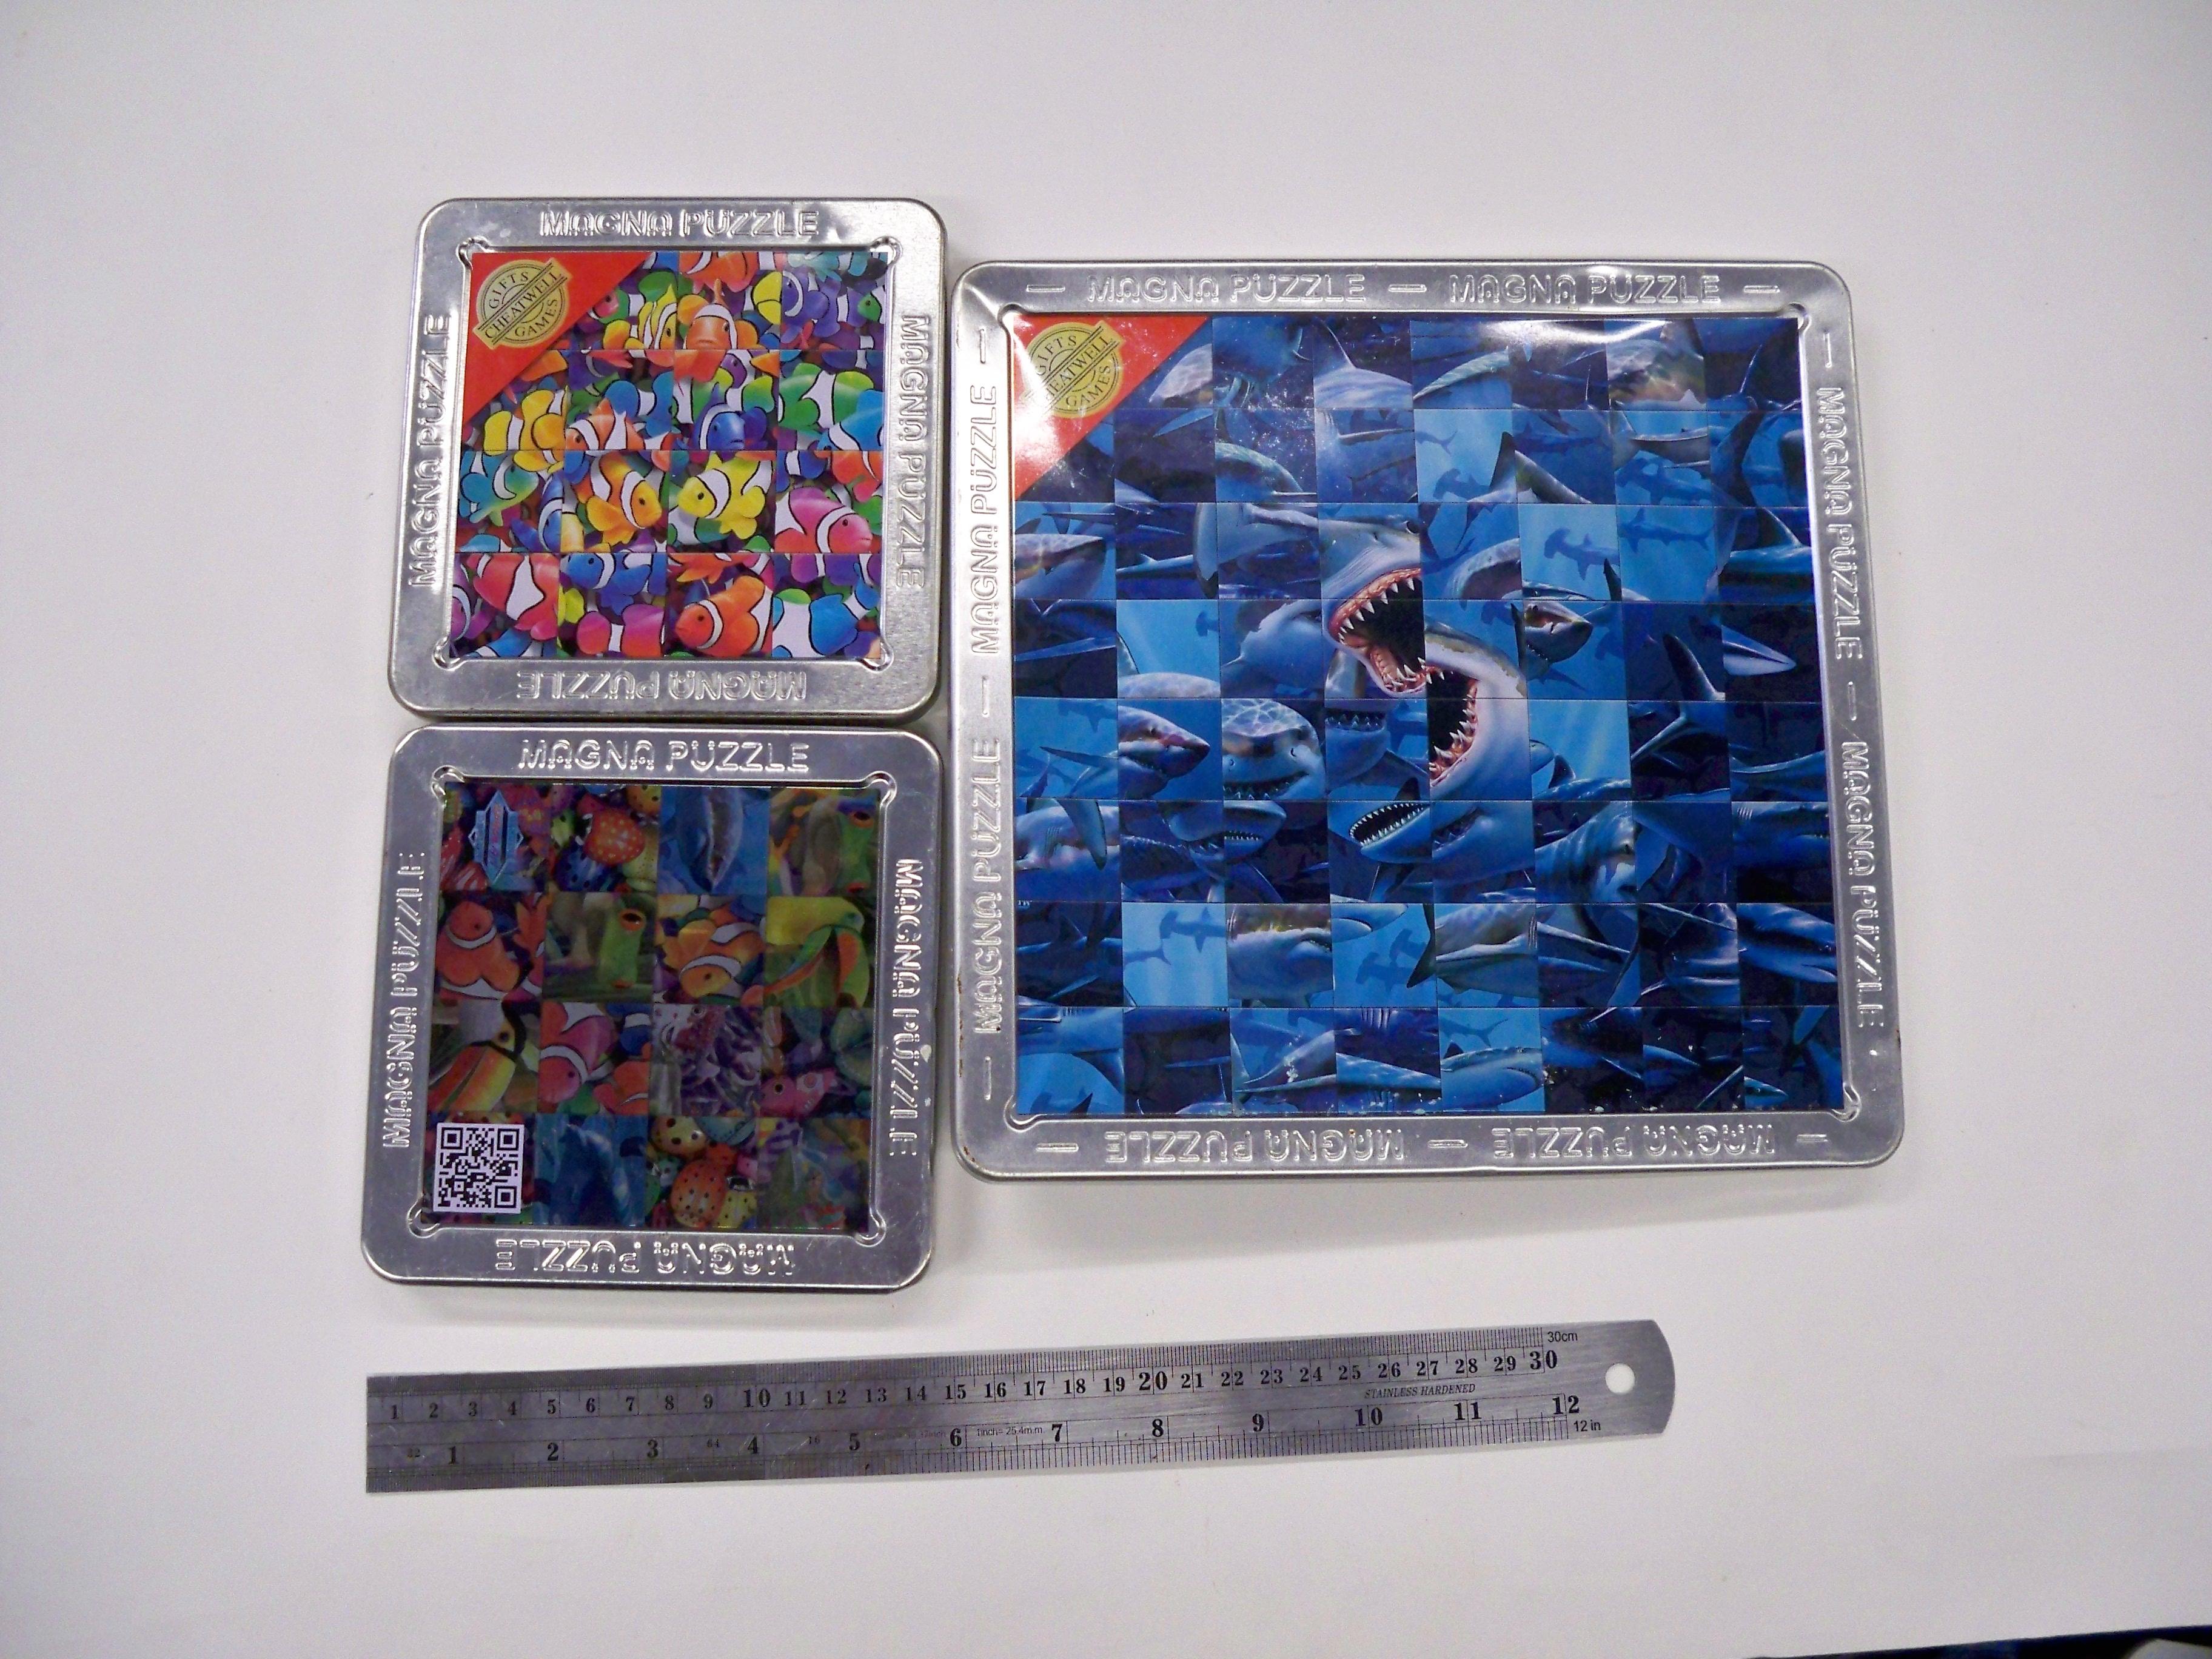 จิกซอ 3D Magna Puzzle 16 และ 64 ชิ้น